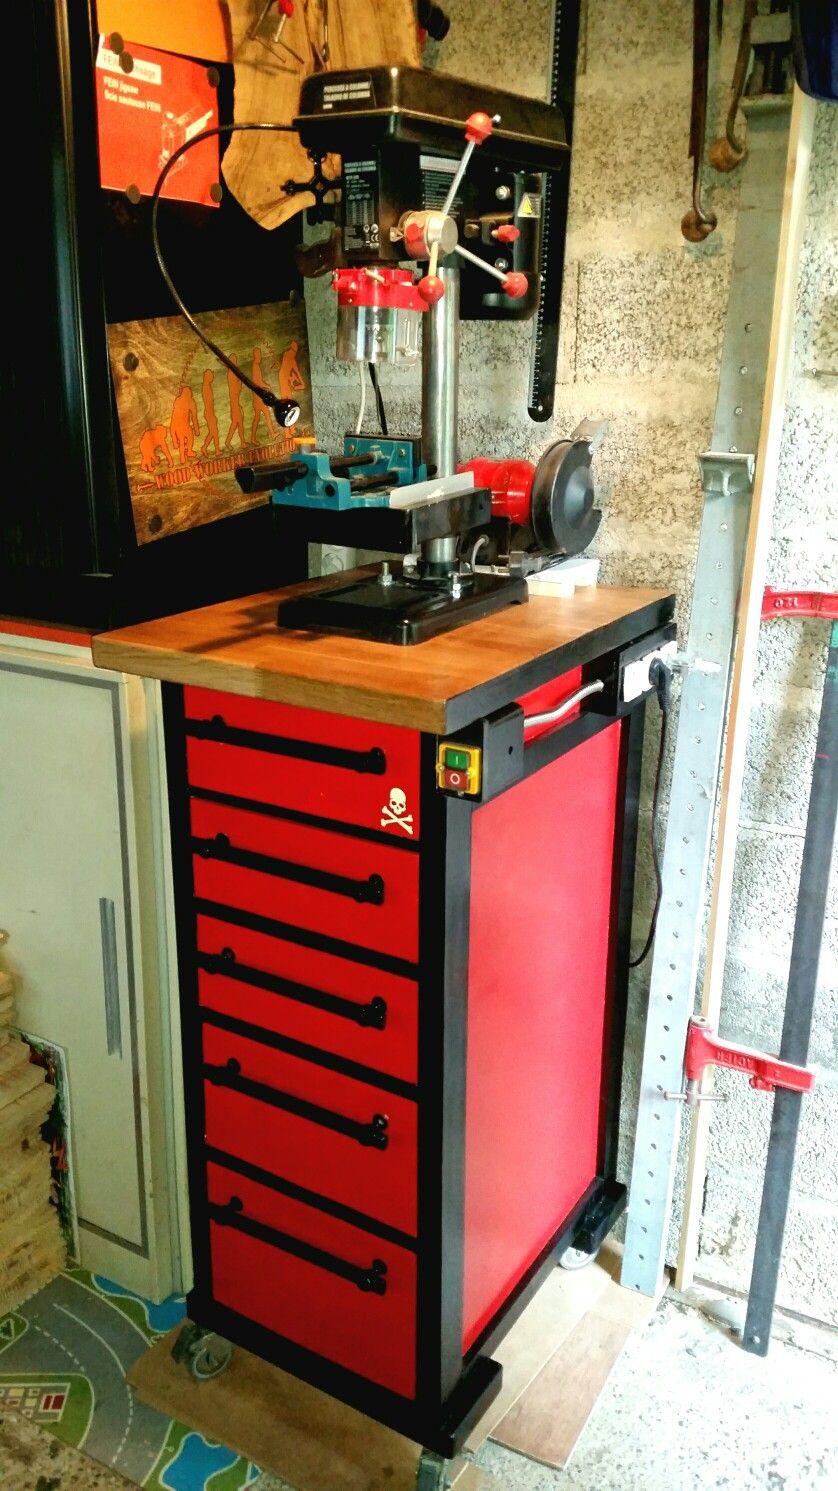 Diy Mobile Drill Press Cabinet By R2ekogp Etape 13 1 Meuble Perceuse A Colonne Fait Maison Vue De Semi Profil Perceuse A Colonne Perceuse Diy Meuble